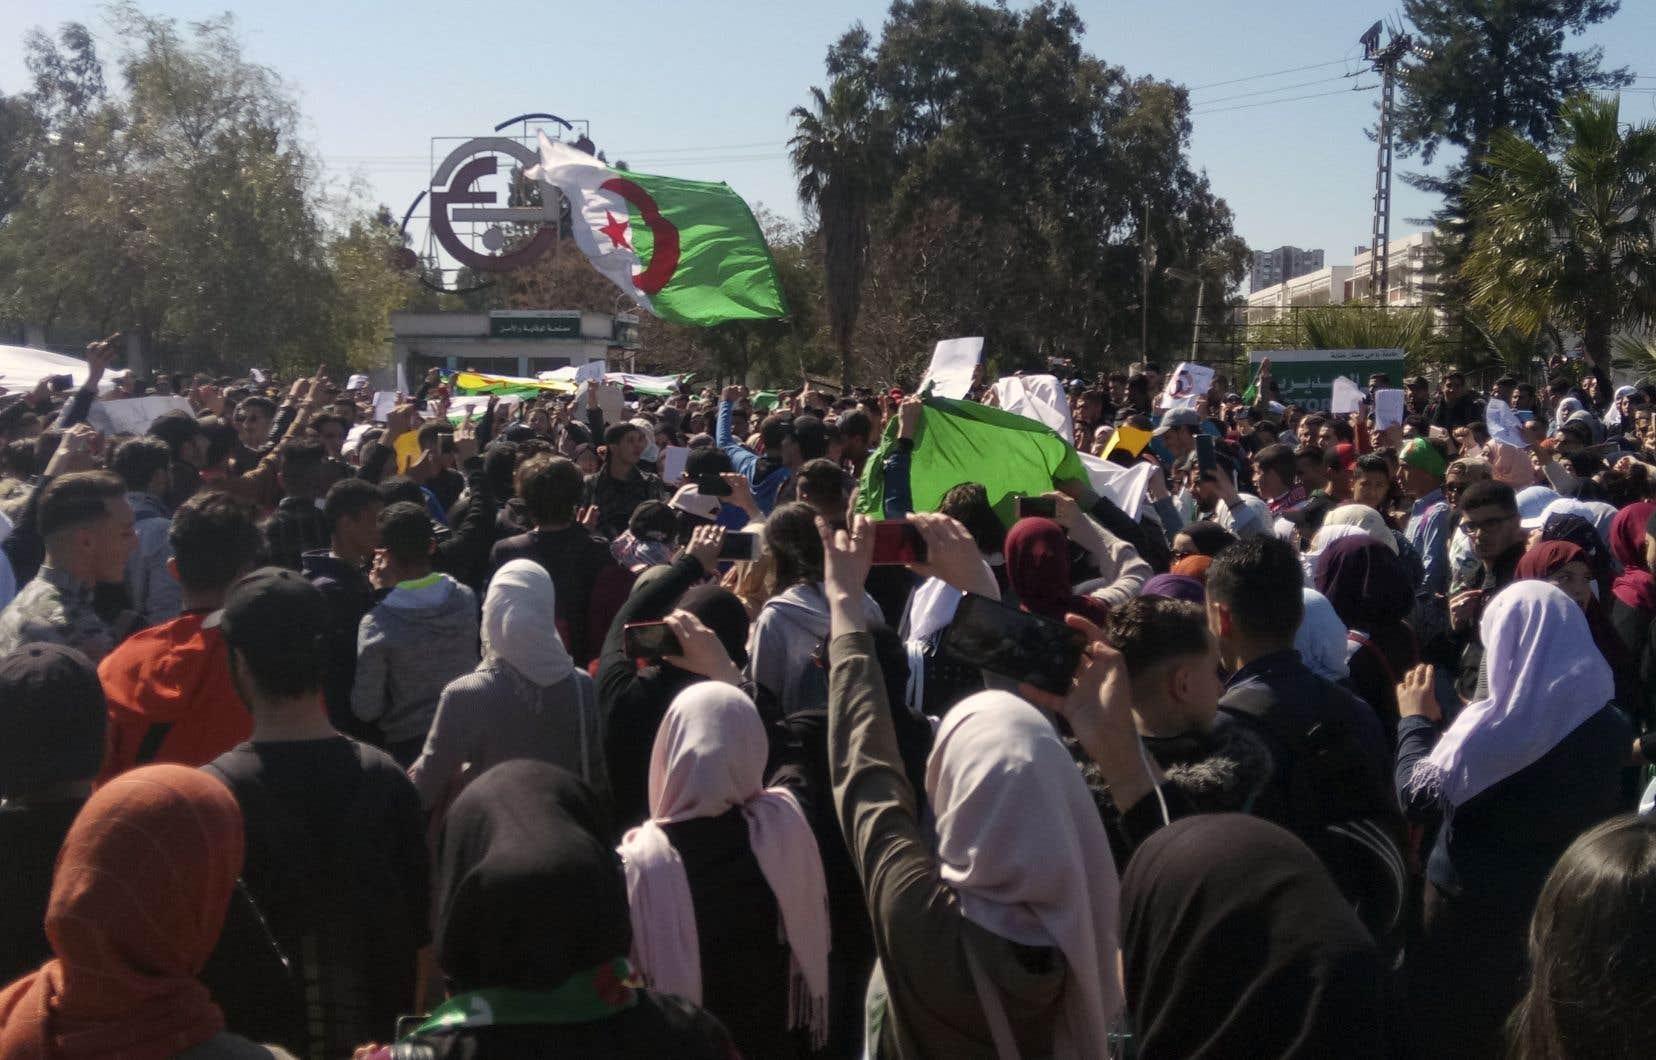 En annonçant sa candidature à un 5emandat, le président Bouteflika a mis fin à des mois d'incertitude sur ses intentions mais aussi déclenché une contestation de son pouvoir.